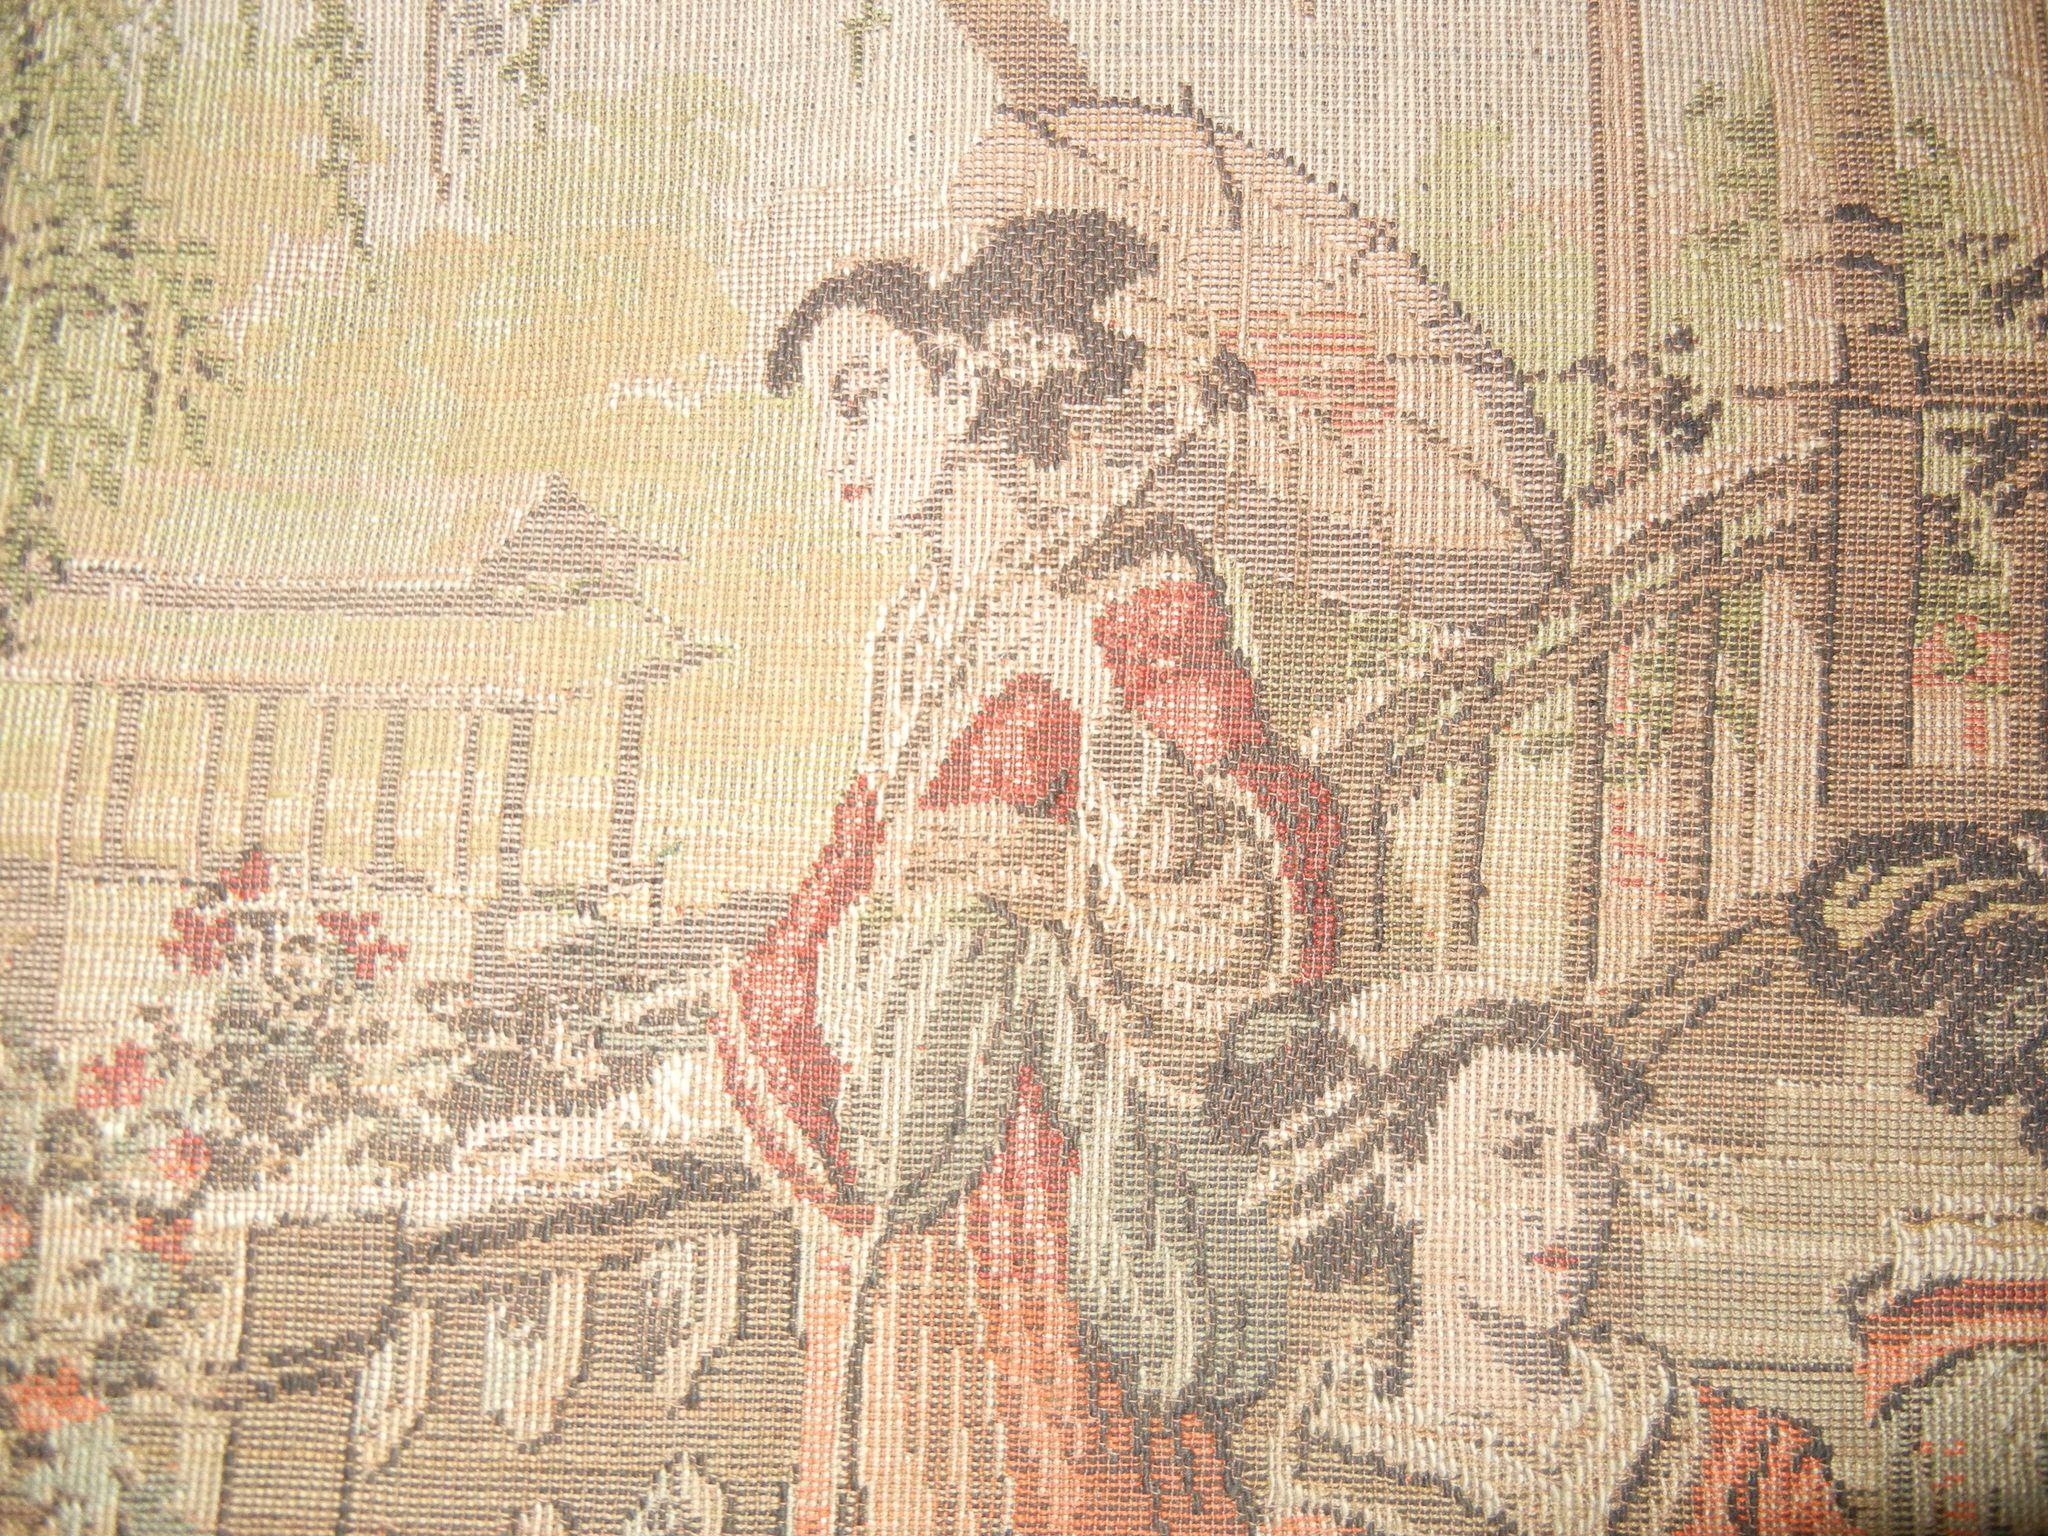 hochheim asian personals Lotus garten, hochheim: 31 bewertungen - bei tripadvisor auf platz 3 von 33  von 33 hochheim restaurants mit 4,5/5 von reisenden  royal thai massage.